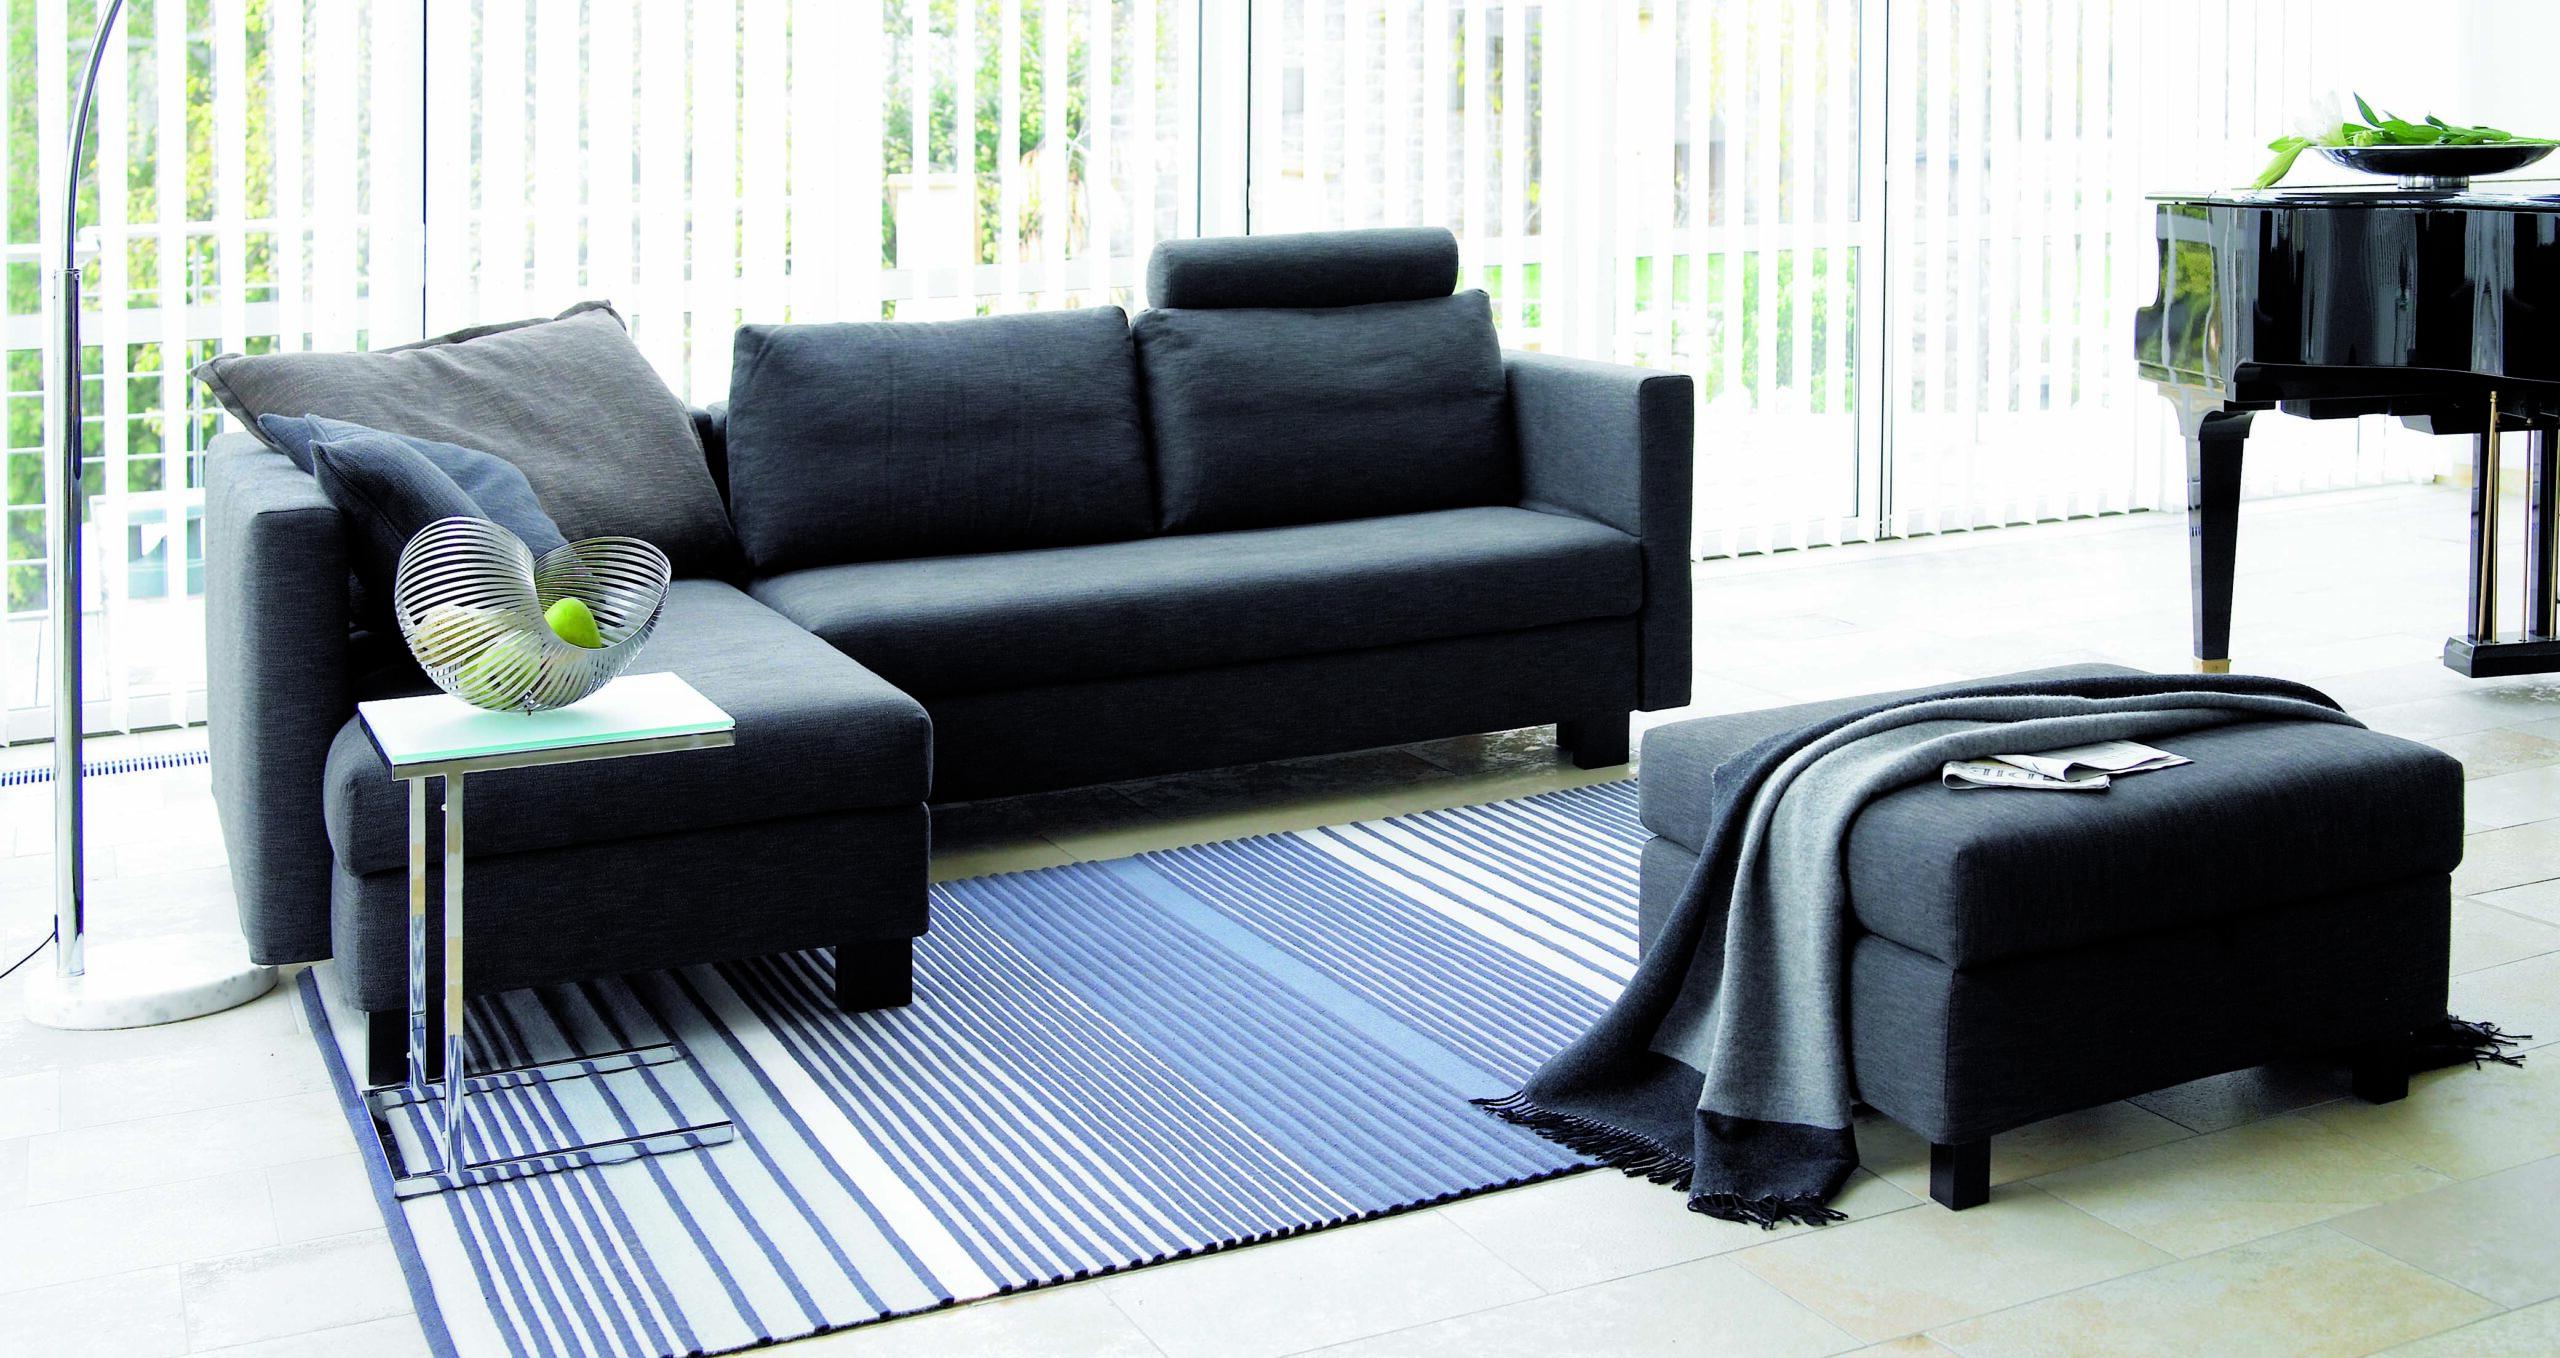 Full Size of Signet Sofa Good Life Goodlife Furniture Couch Malaysia Love Amazon Antik Weiches Wk Halbrund Höffner Big Landhausstil Kunstleder Weiß Poco Reinigen Mit Sofa Goodlife Sofa